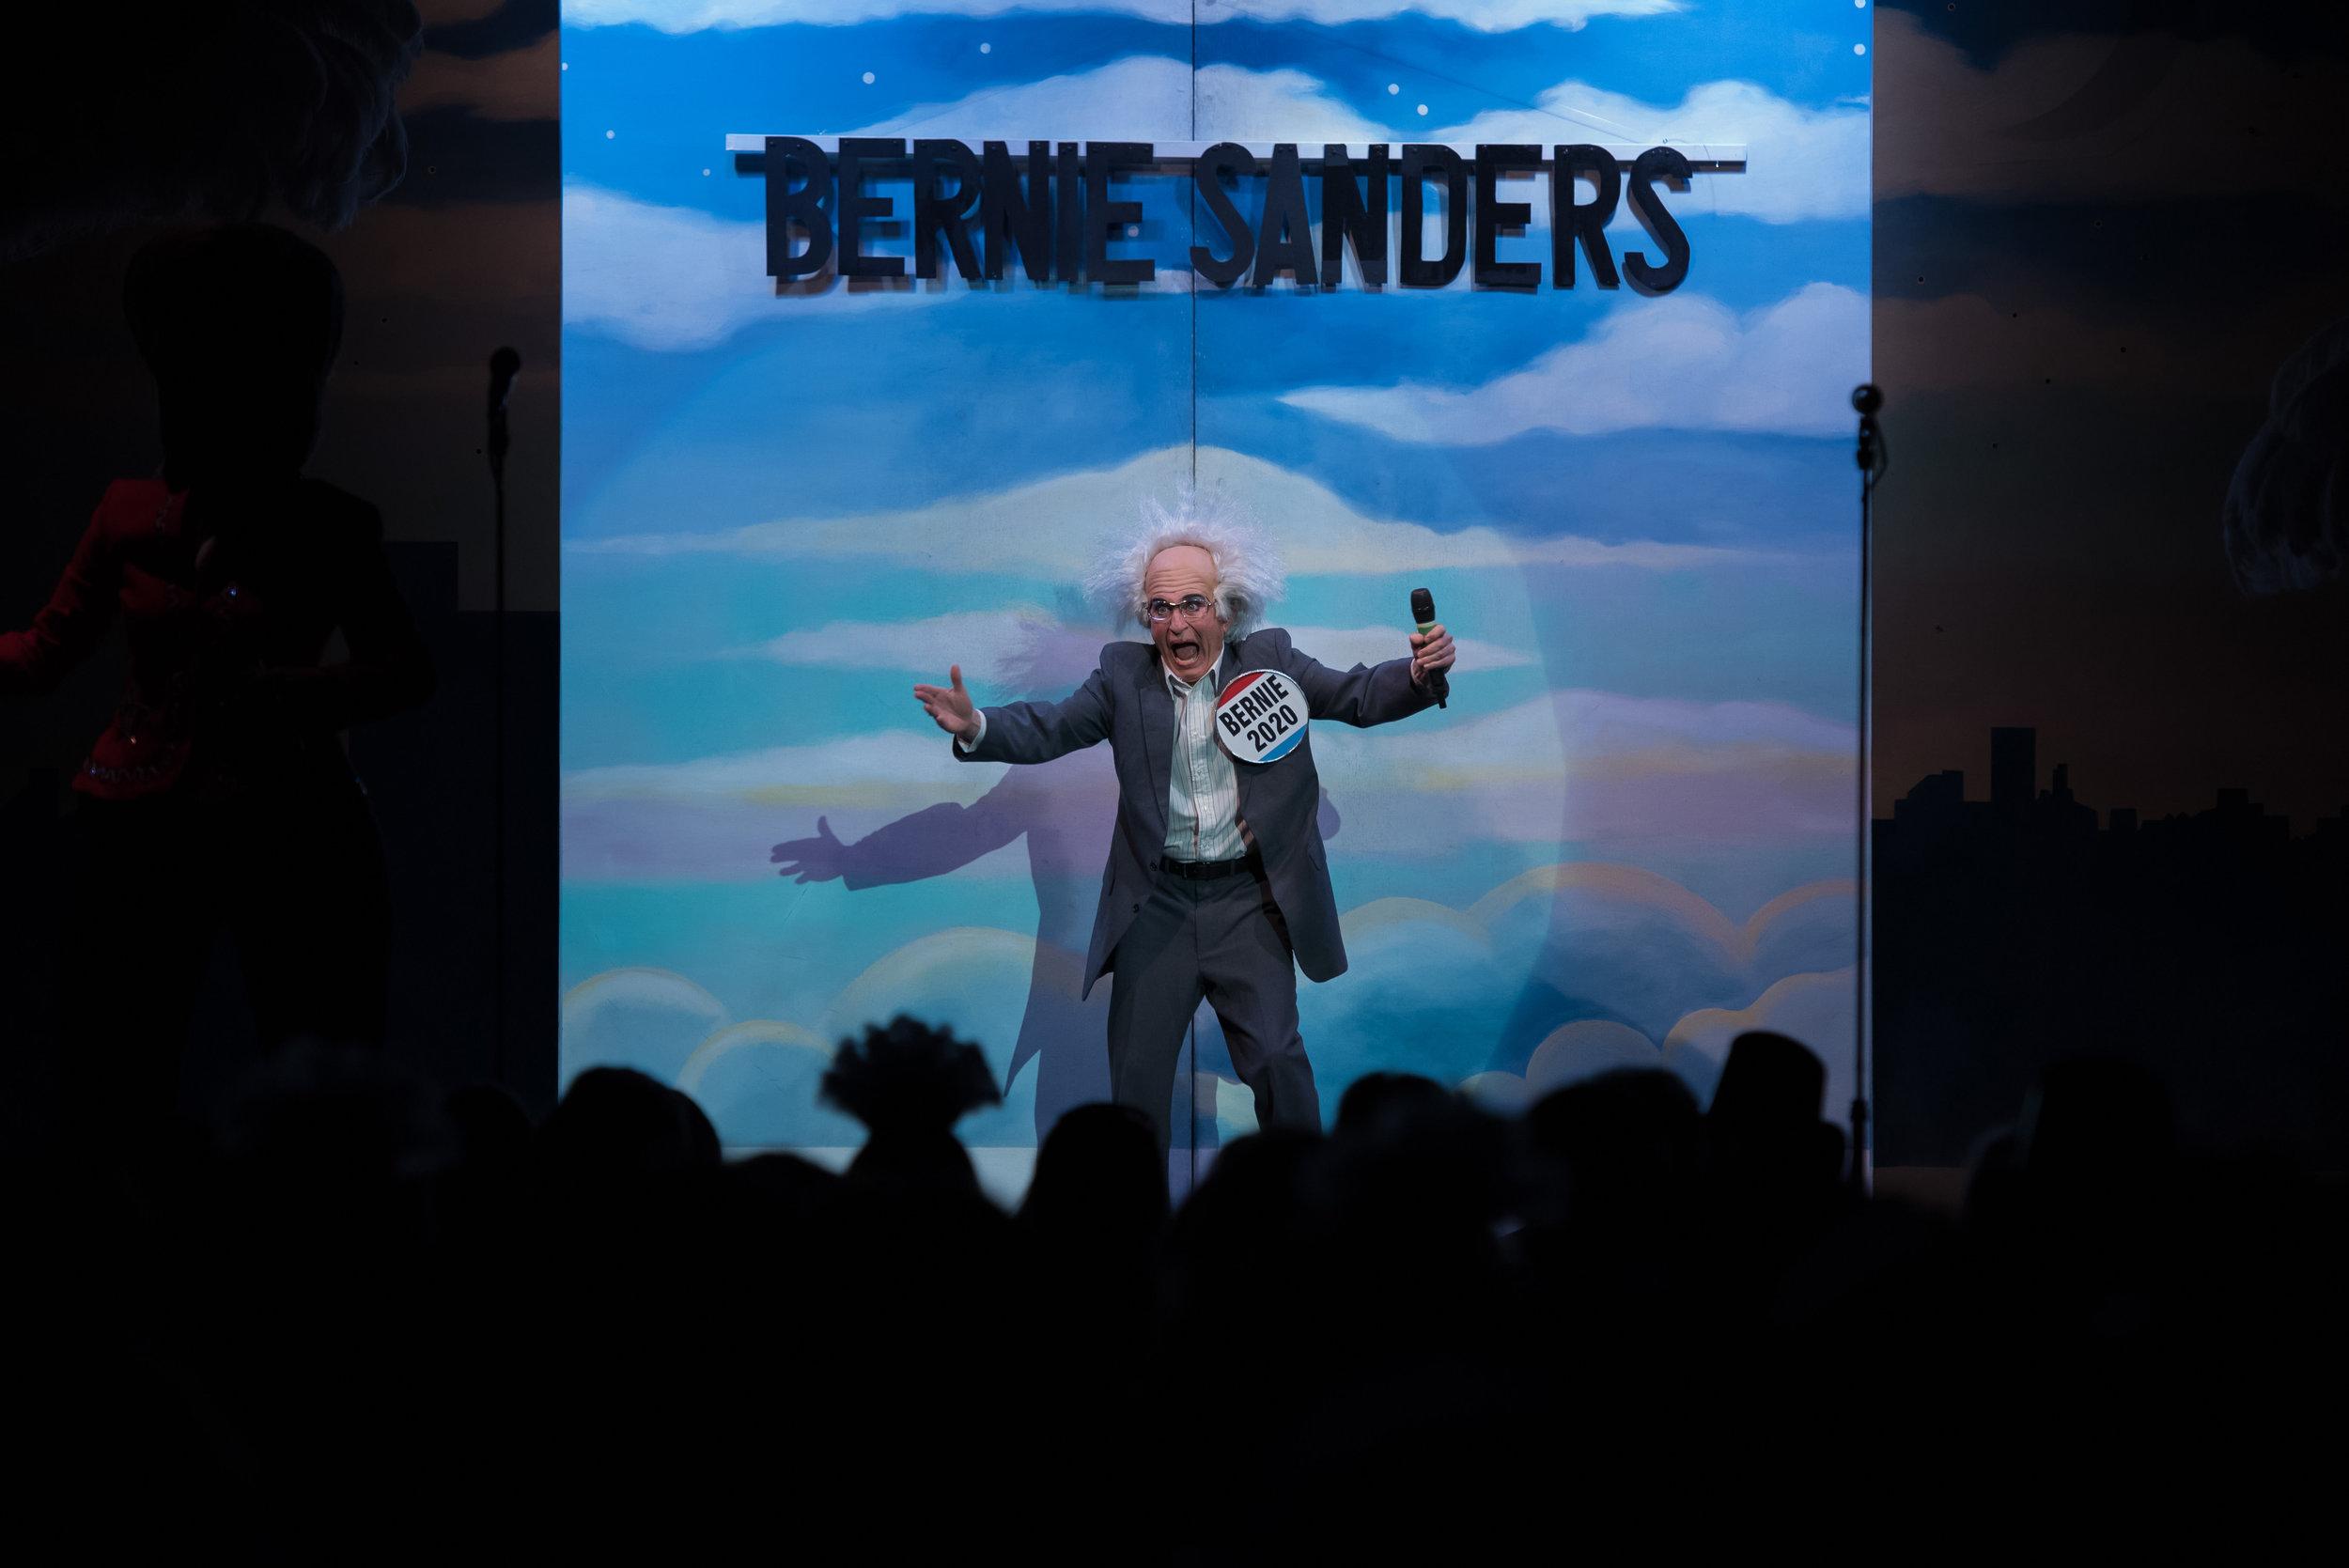 Bernie Sanders 2020.jpg